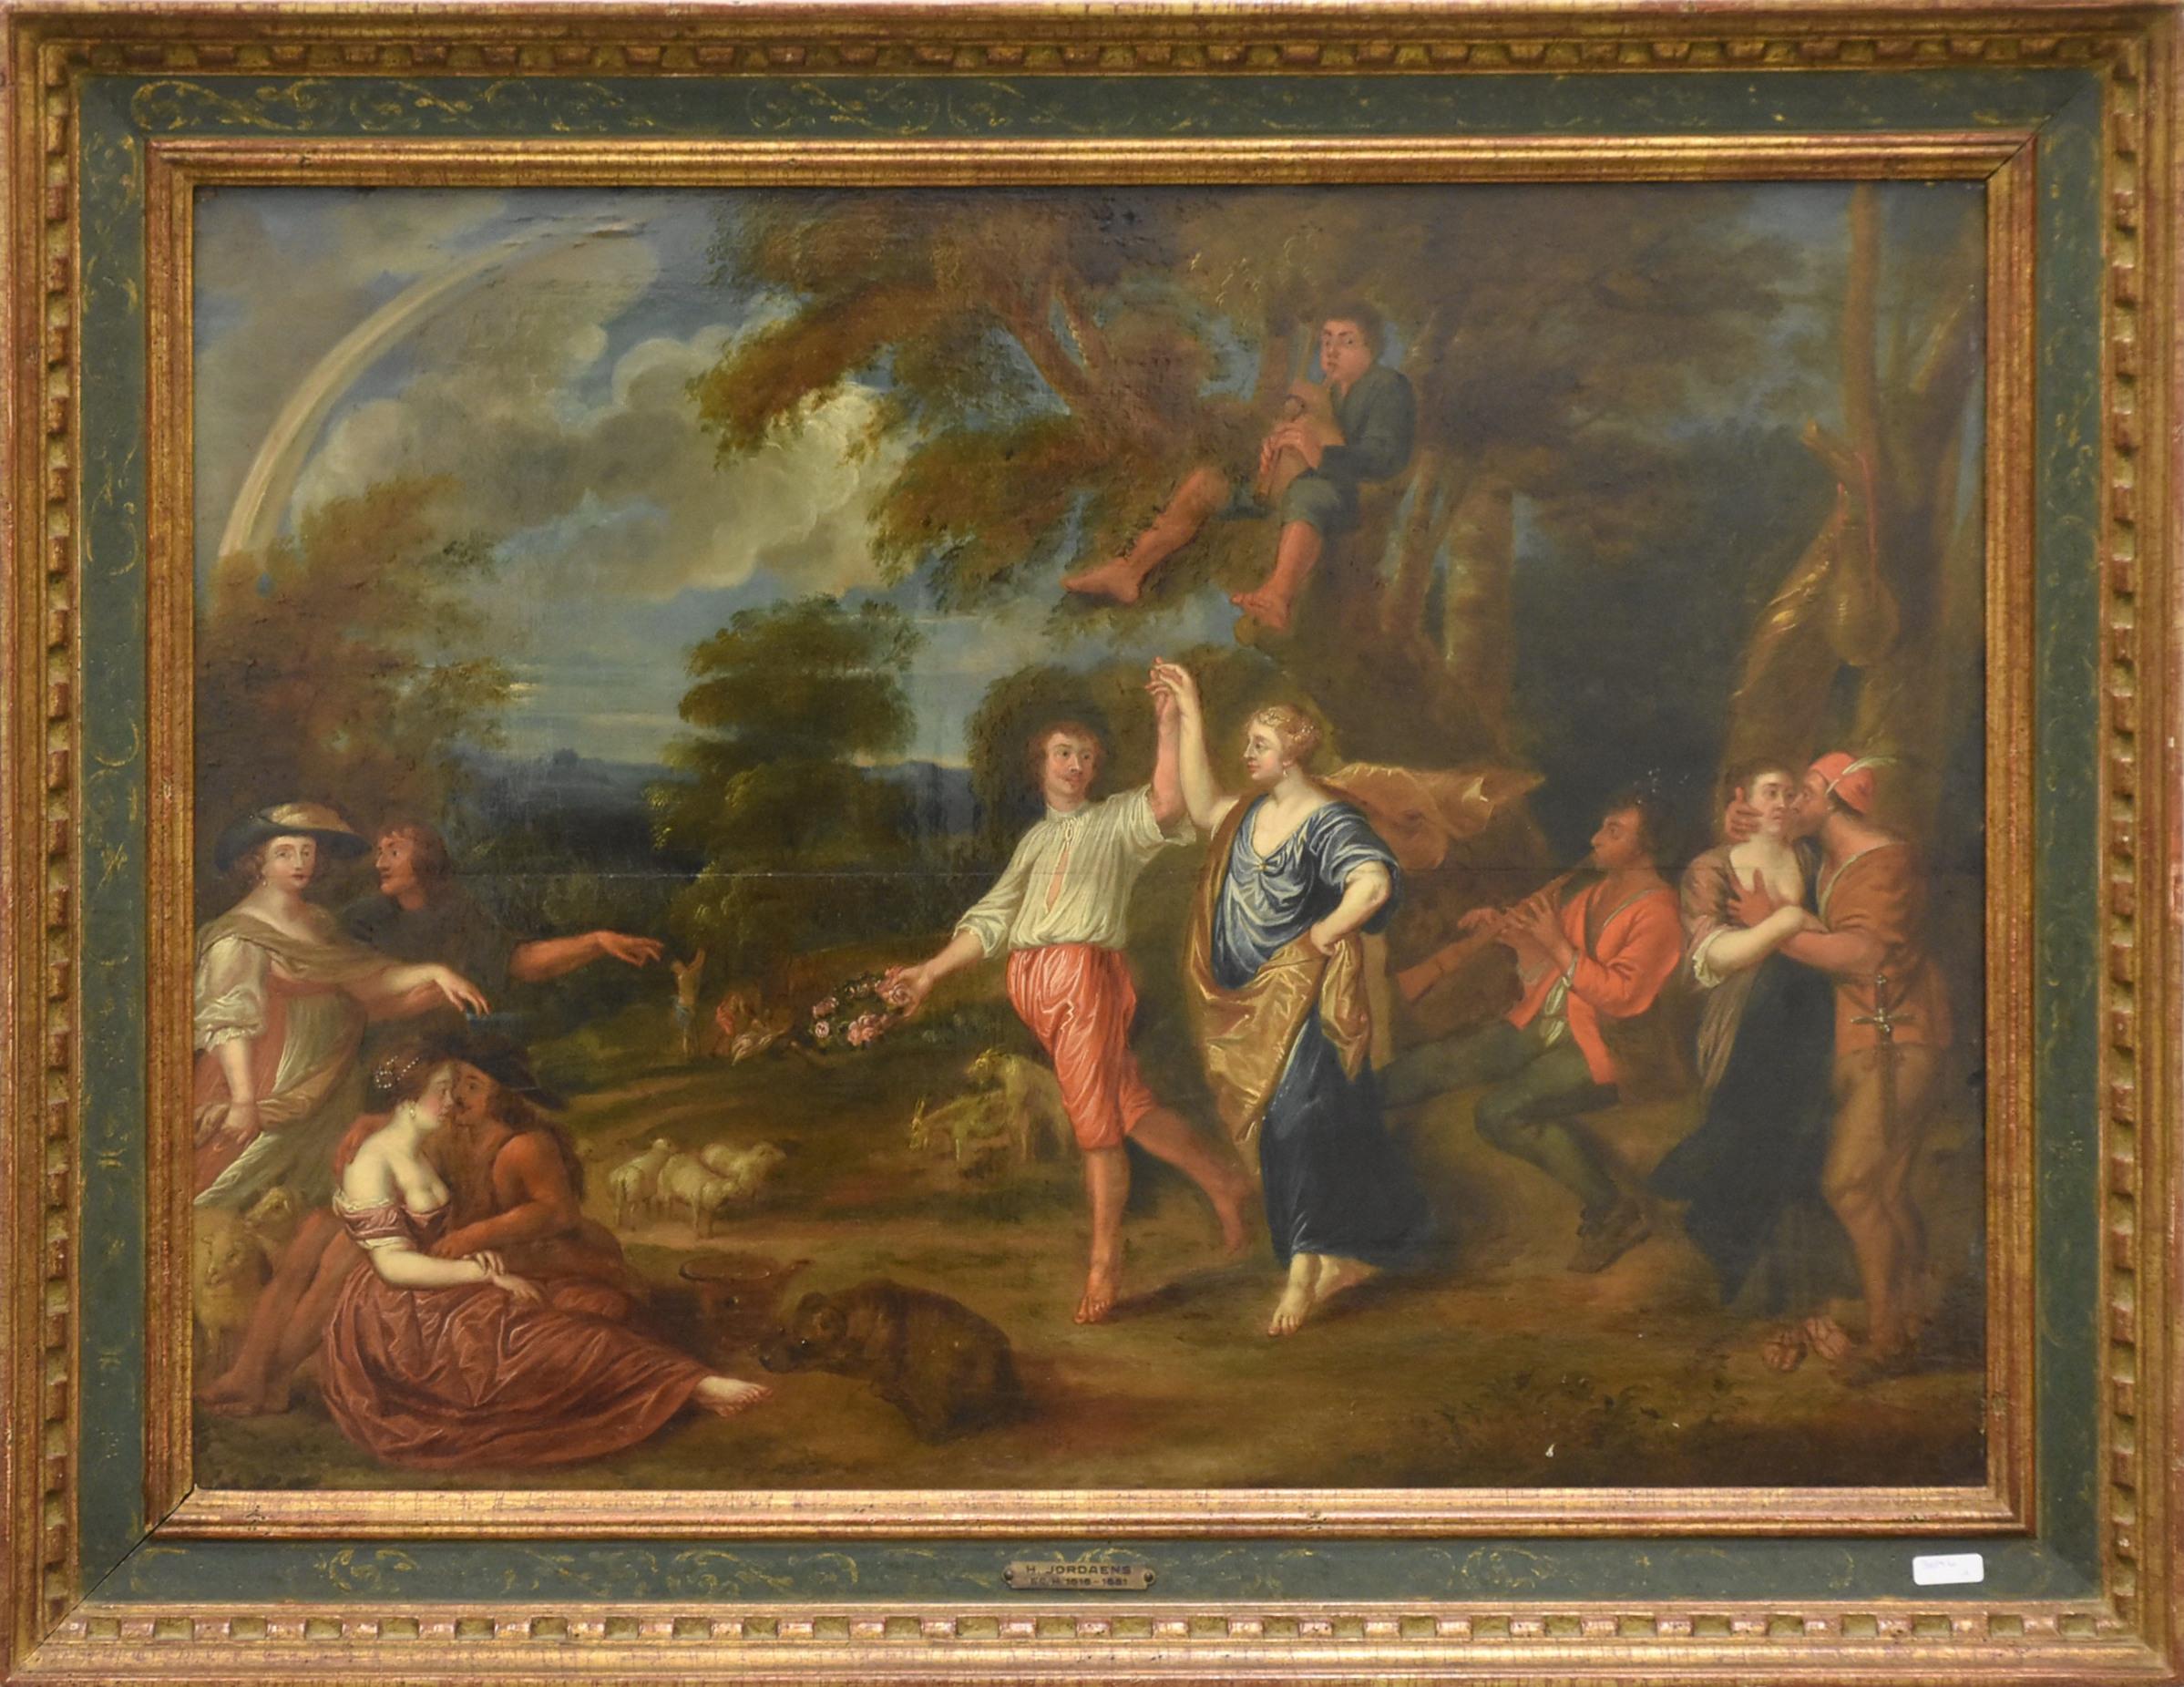 Vente Vente Cataloguée (Objets d'Art, Bronzes, Lustres, Peintures, Meubles, etc.)  chez Rops : 1720 lots